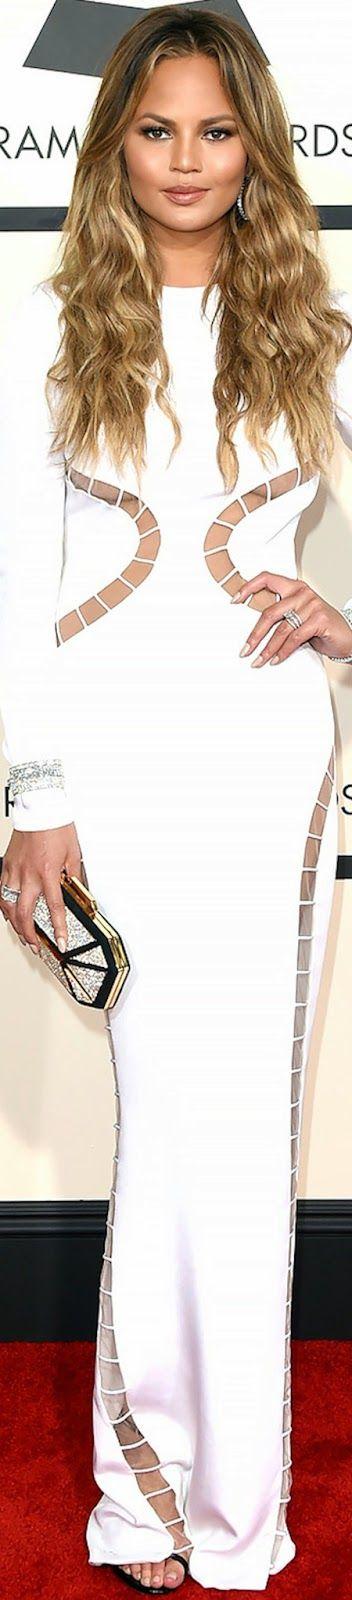 Chrissy Teigen 2015 Grammy Red Carpet Fashion